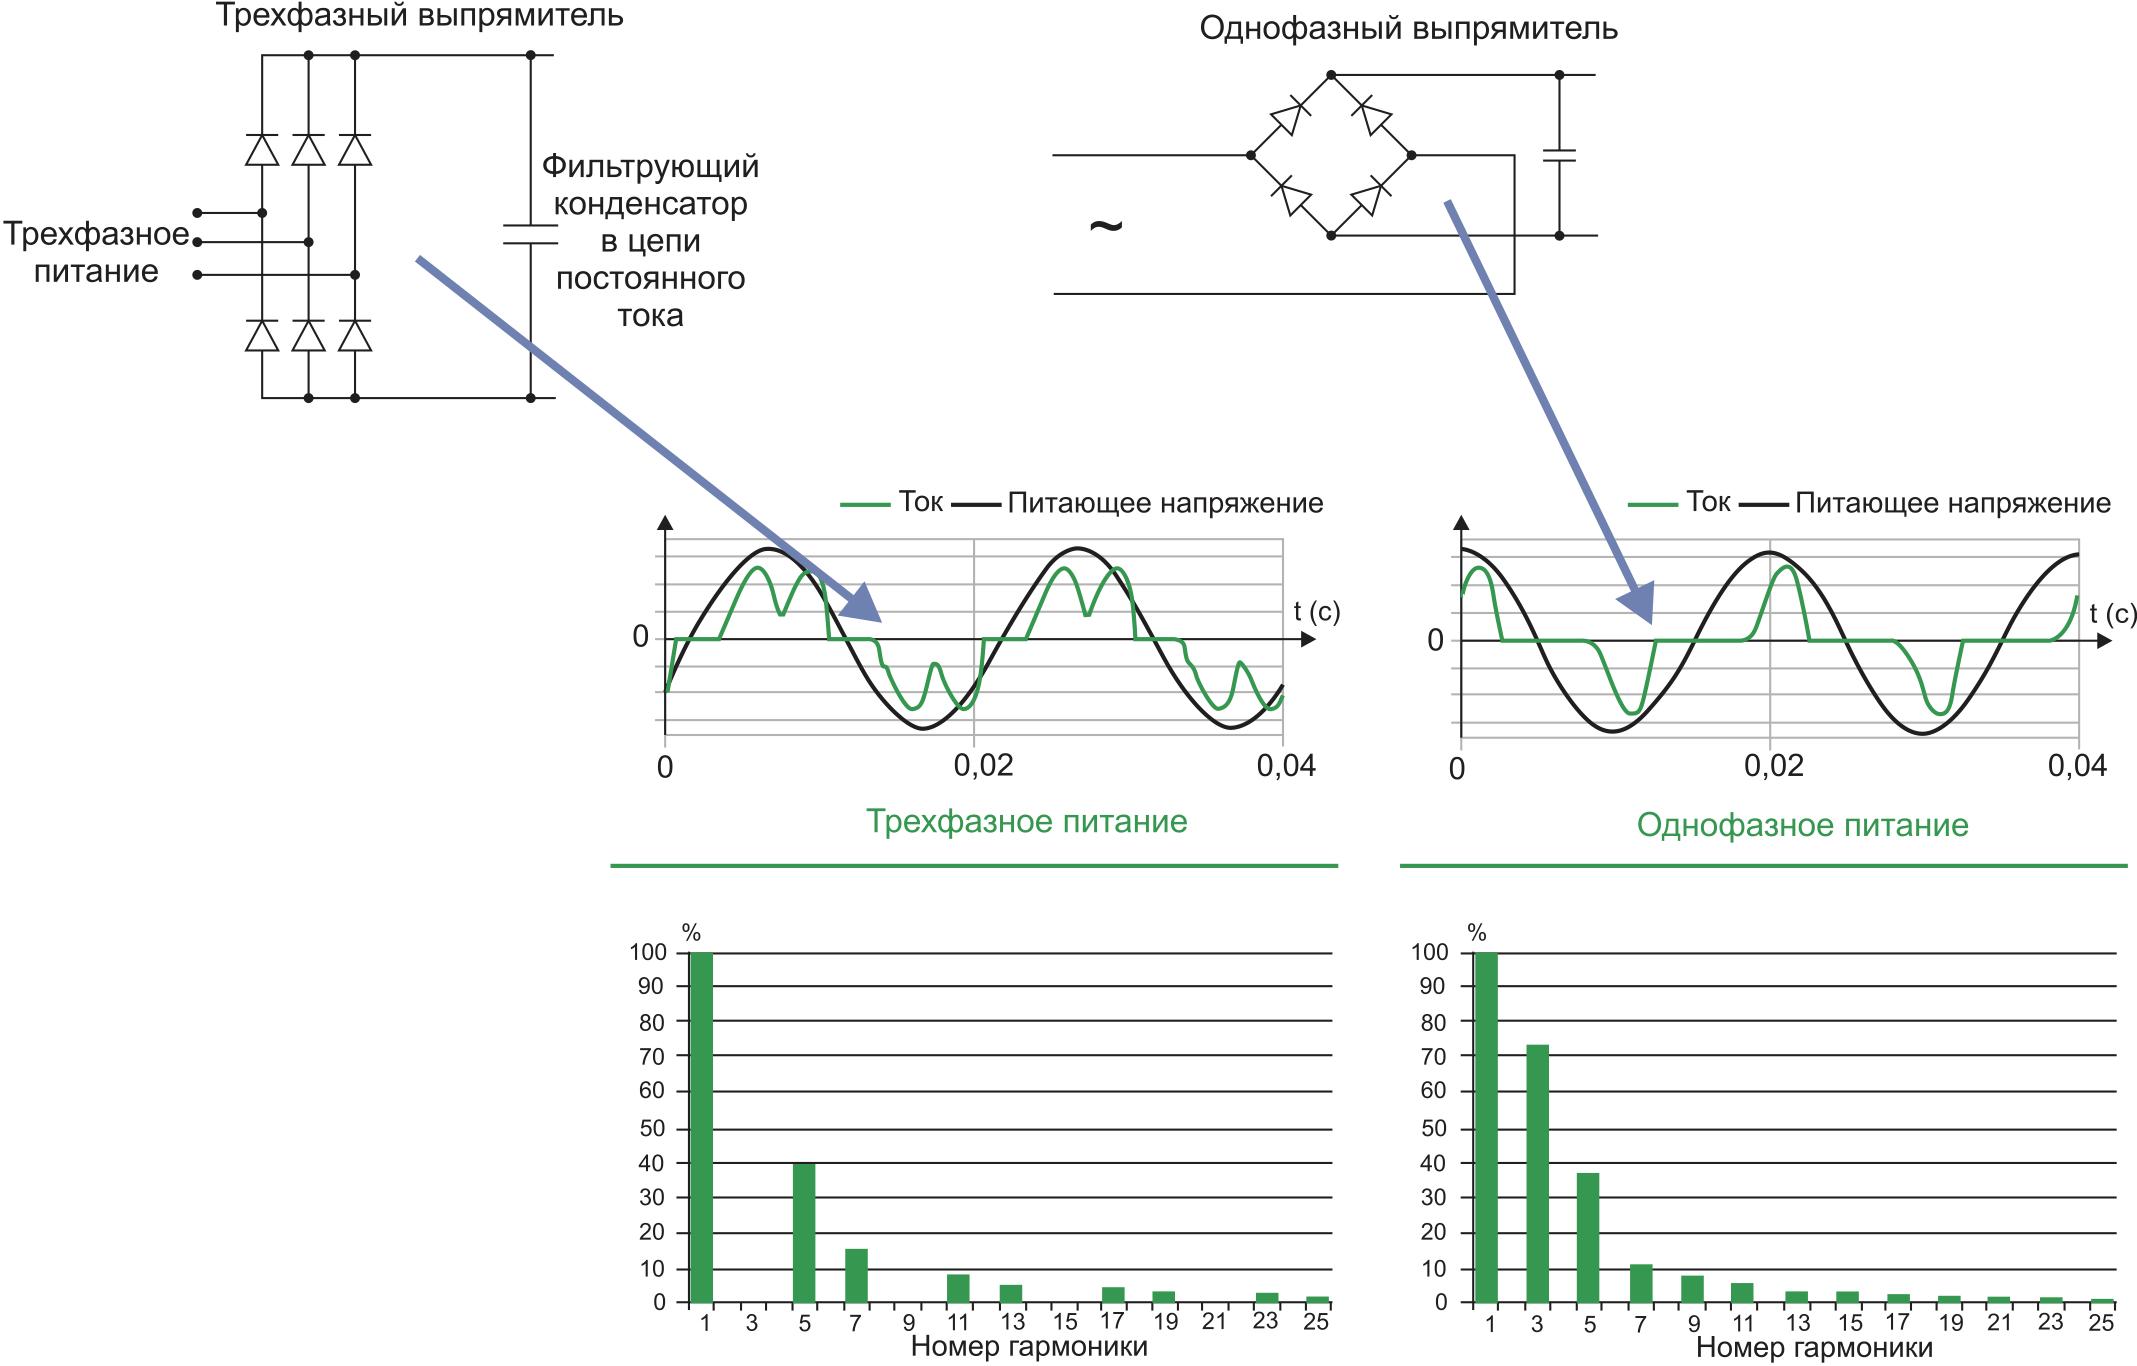 Броски тока, возникающие при работе диодного выпрямителя (трехфазный выпрямитель создает 5, 7, 11, 13, ... гармоники, однофазный — 3, 5, 7, 9, …)